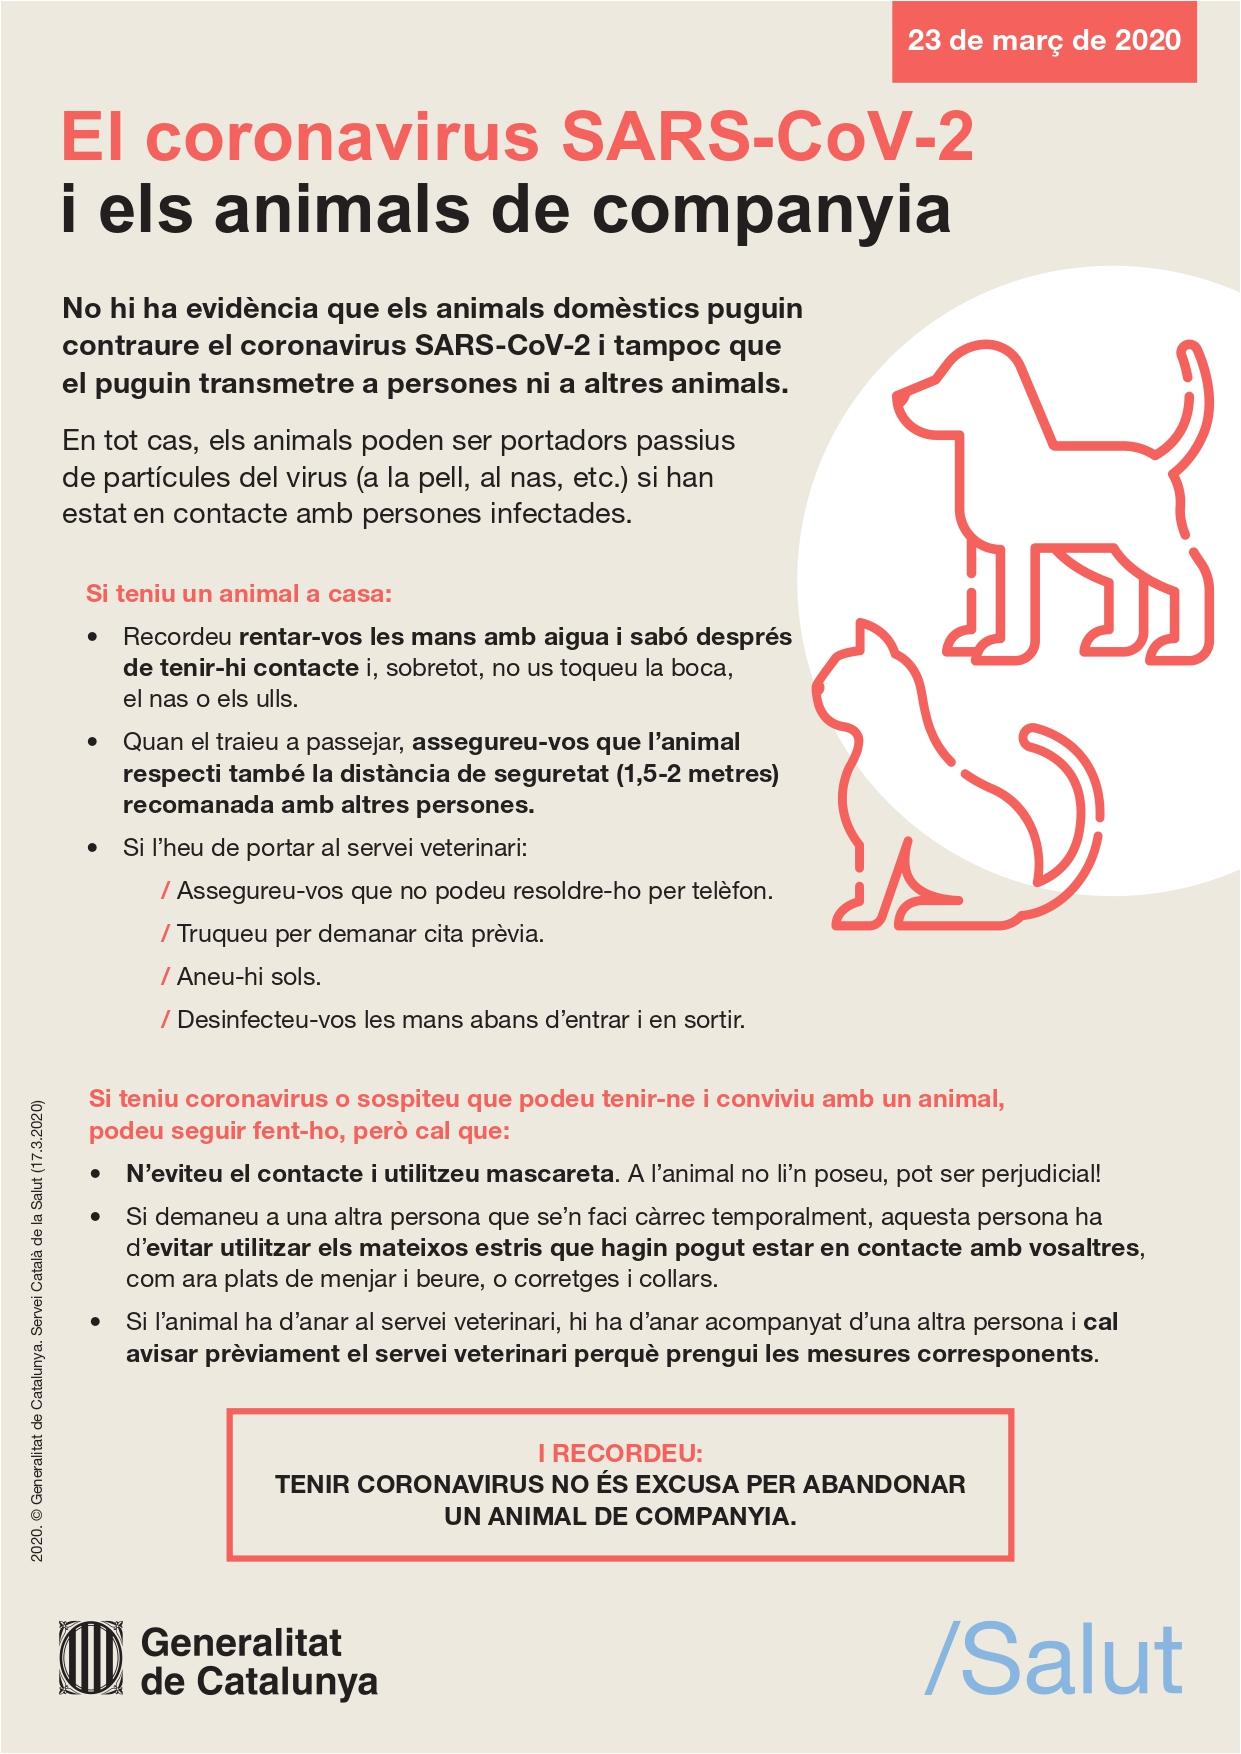 Recomanacions per a les persones que conviuen amb animals domèstics durant el confinament